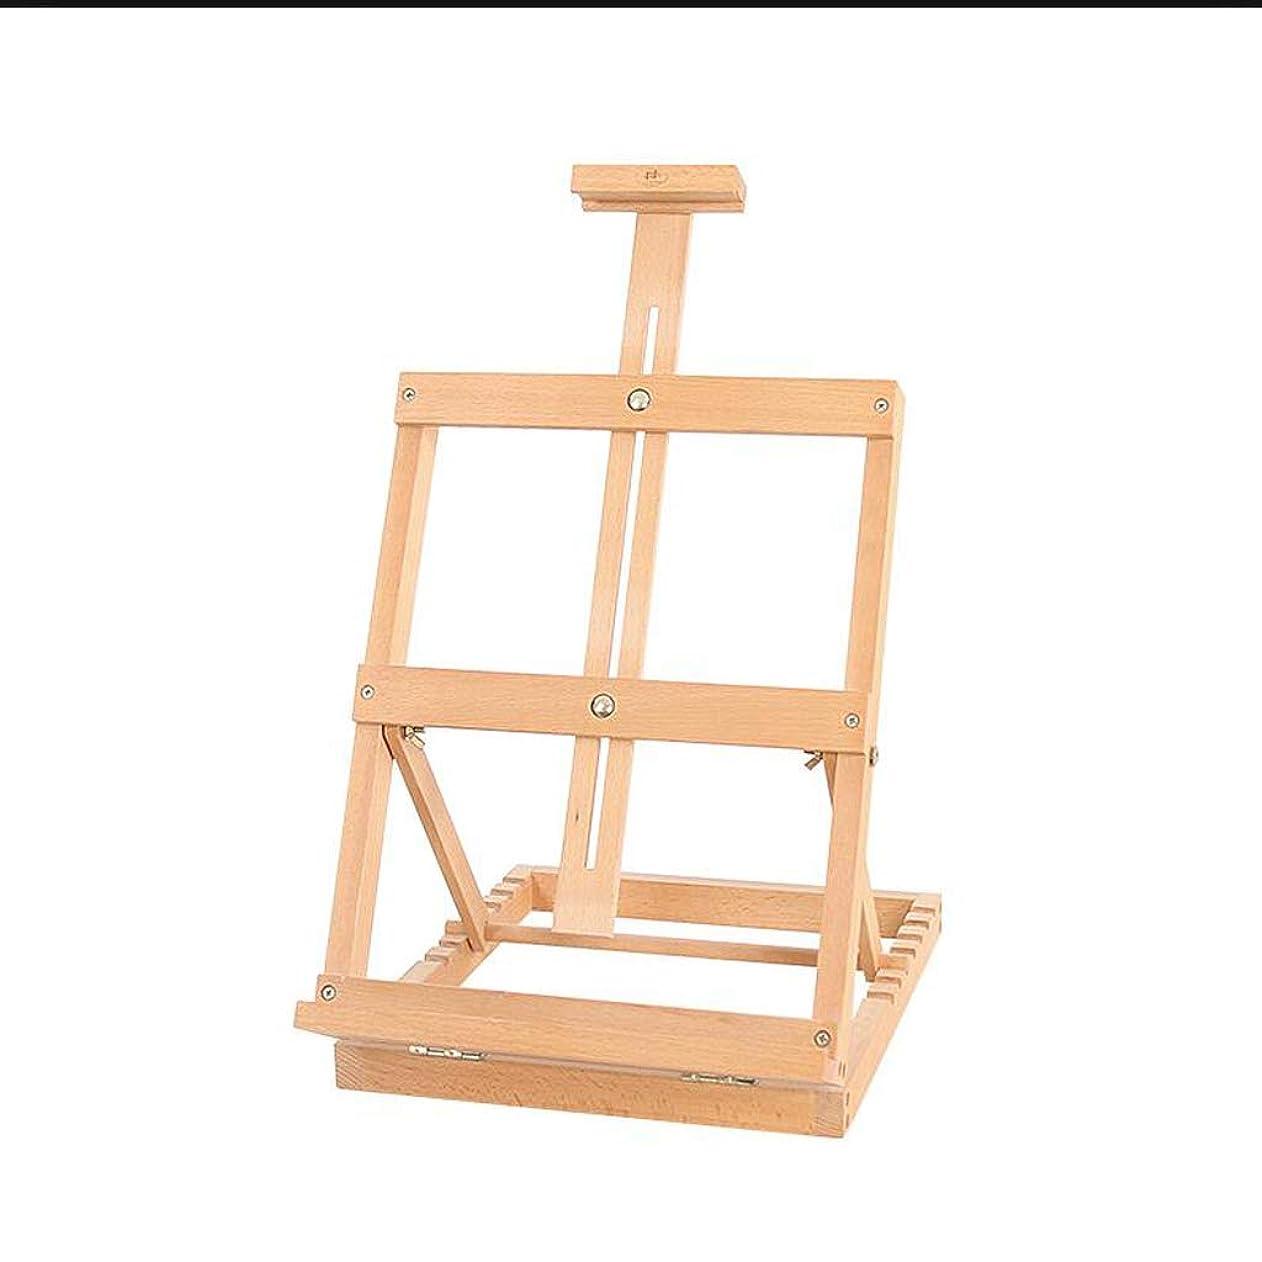 価値のないドル間Djyyh 持ち運びや角度調節が可能な多機能折りたたみ式木製イーゼル